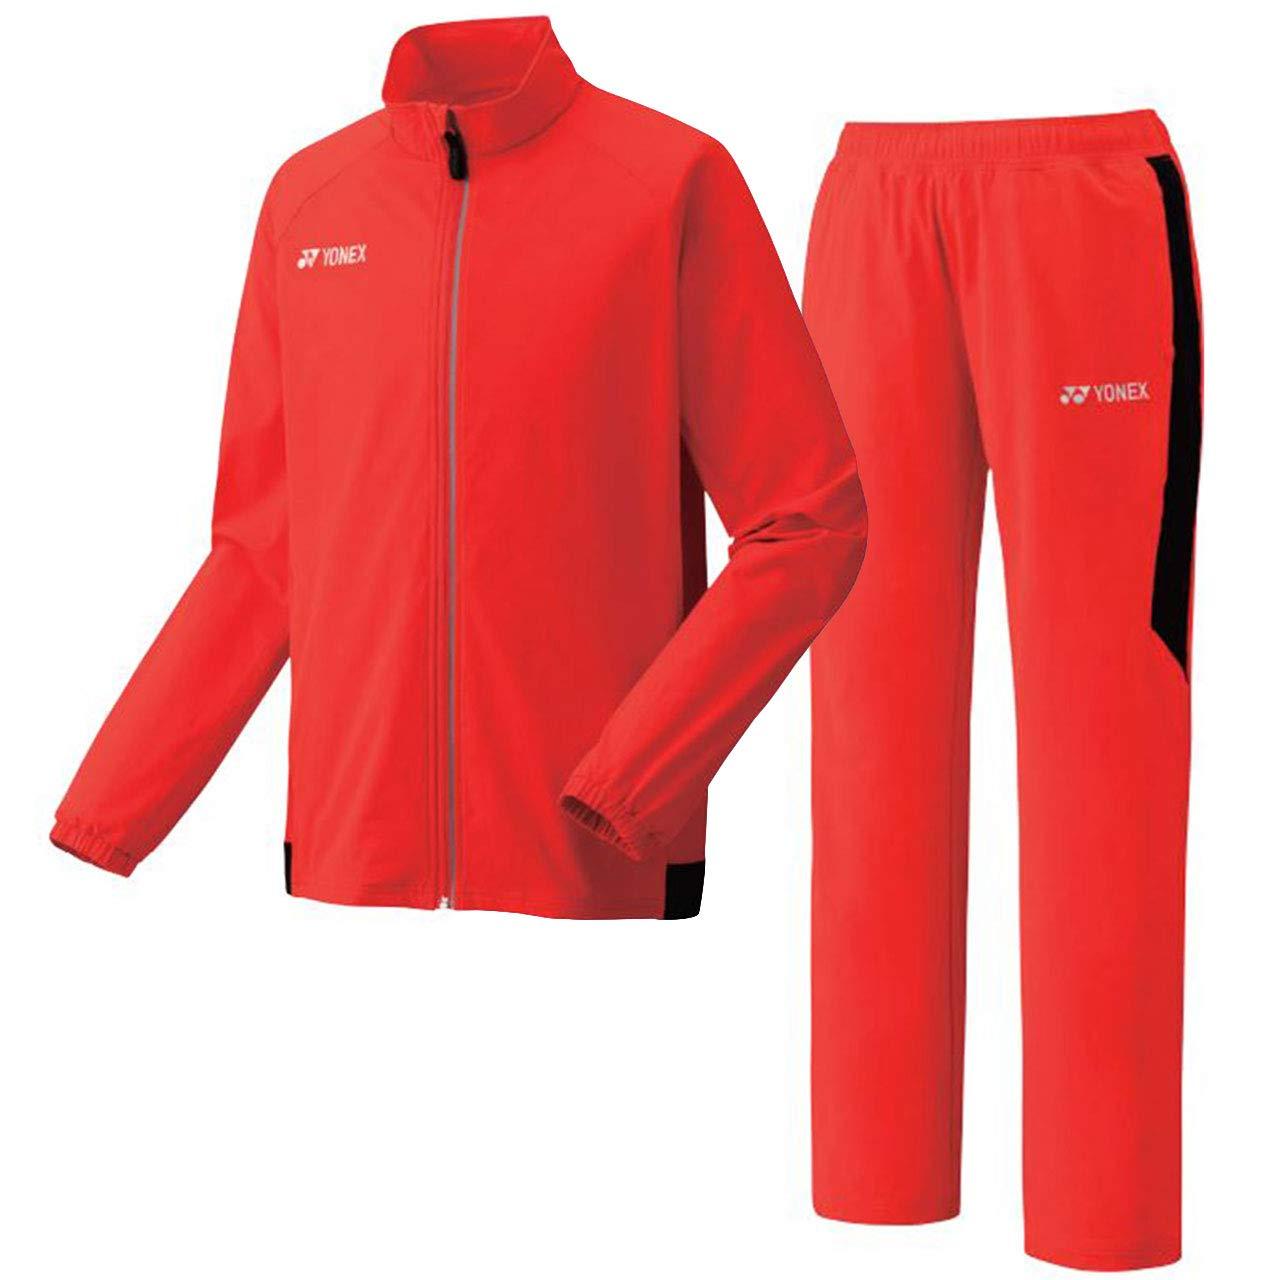 ヨネックス(YONEX) ウォームアップシャツ&パンツ(フィットスタイル) 上下セット(ファイヤーレッド) 50077-569-60077-569 M ファイヤーレッド B07Q7NQZ3J